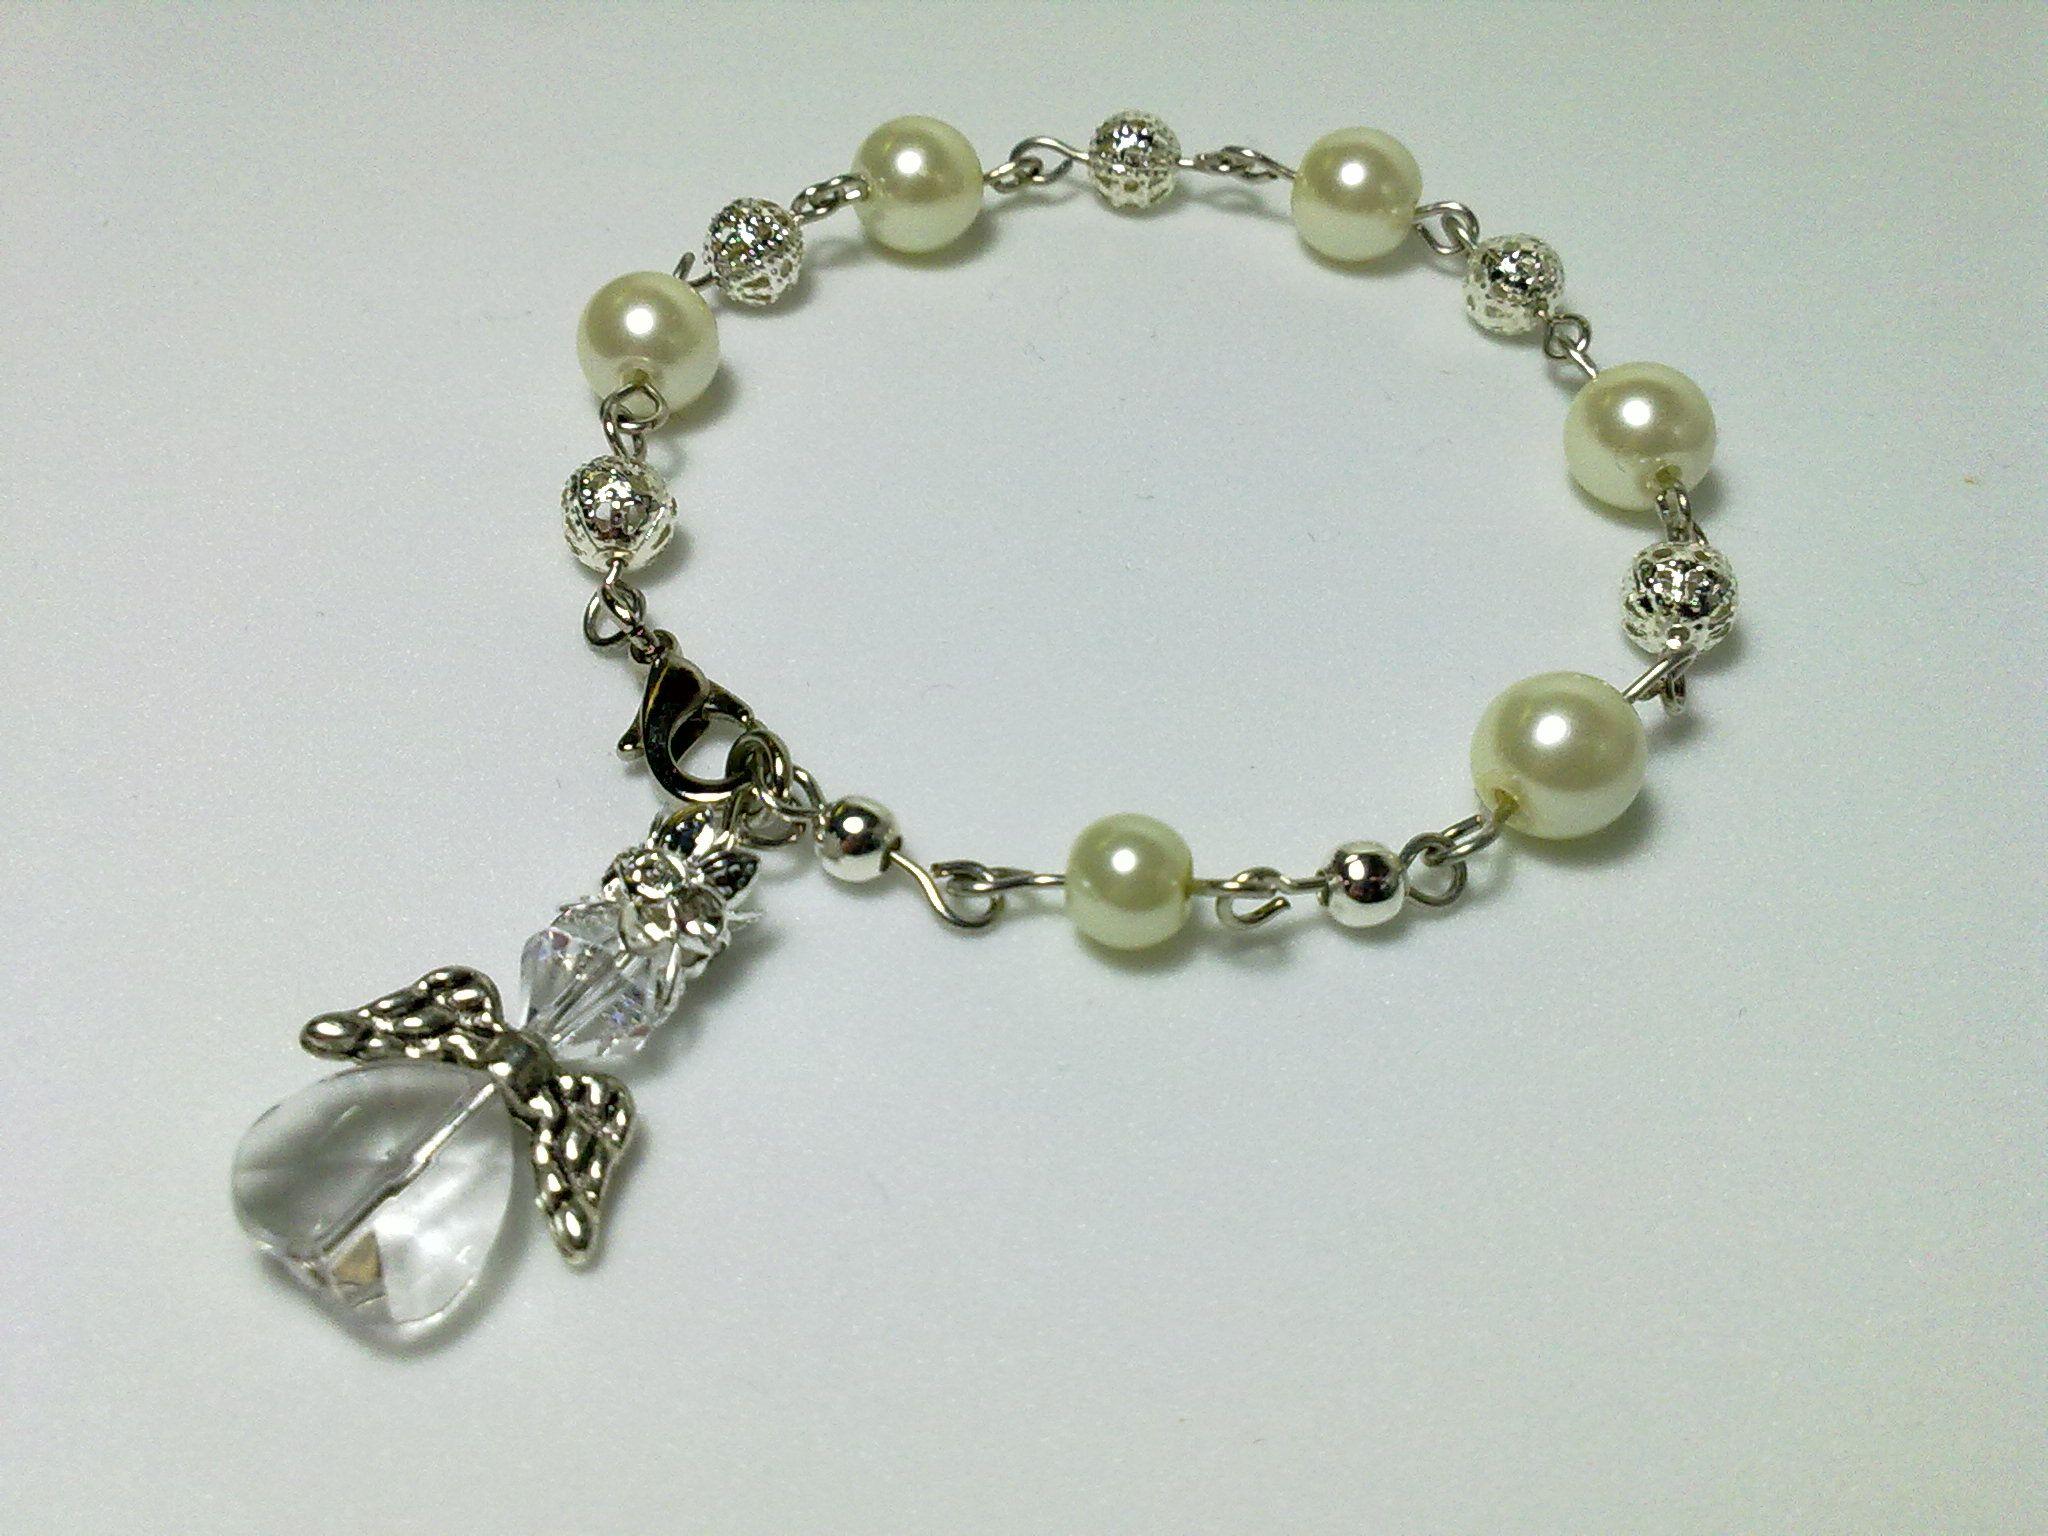 a9277d3aed45 pulseras de perlas y cristales - Buscar con Google